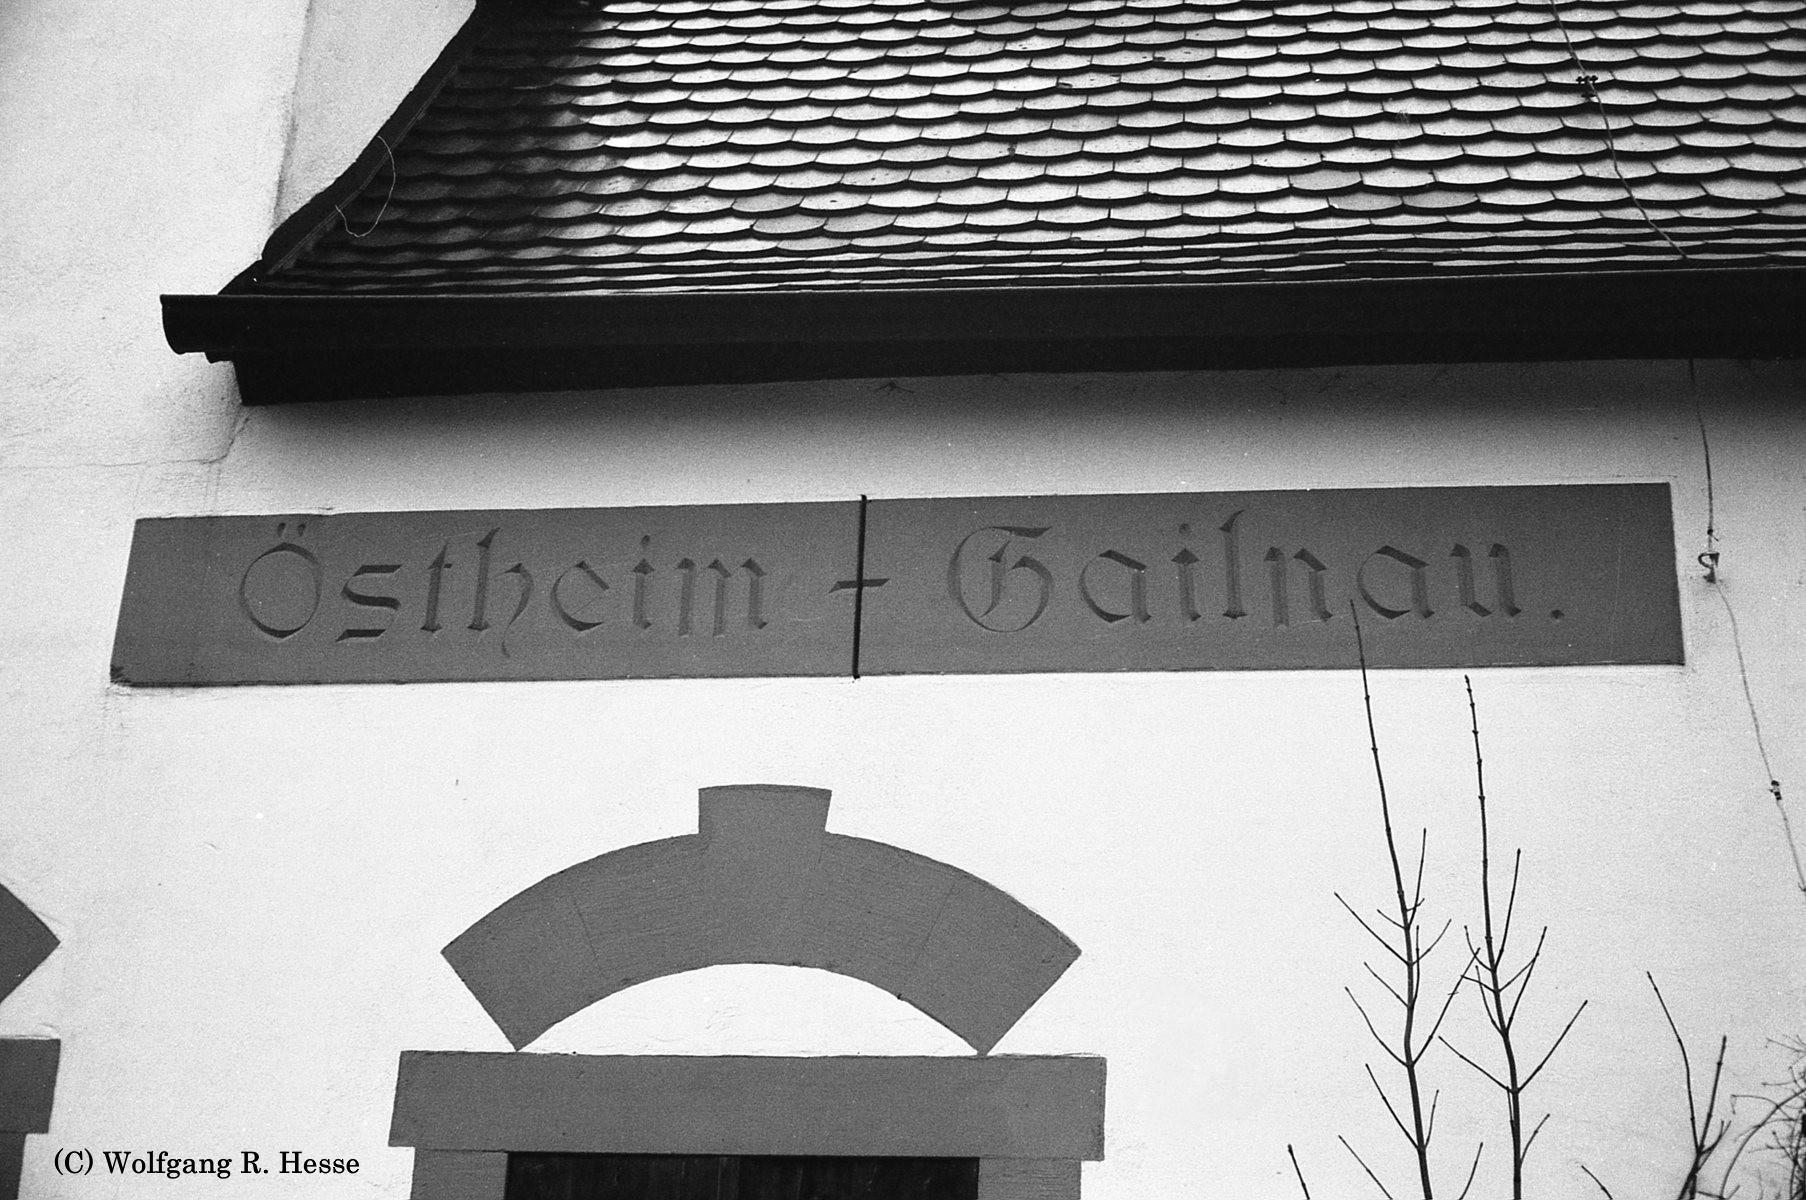 Detail Bhf Östeheim-Gailnau